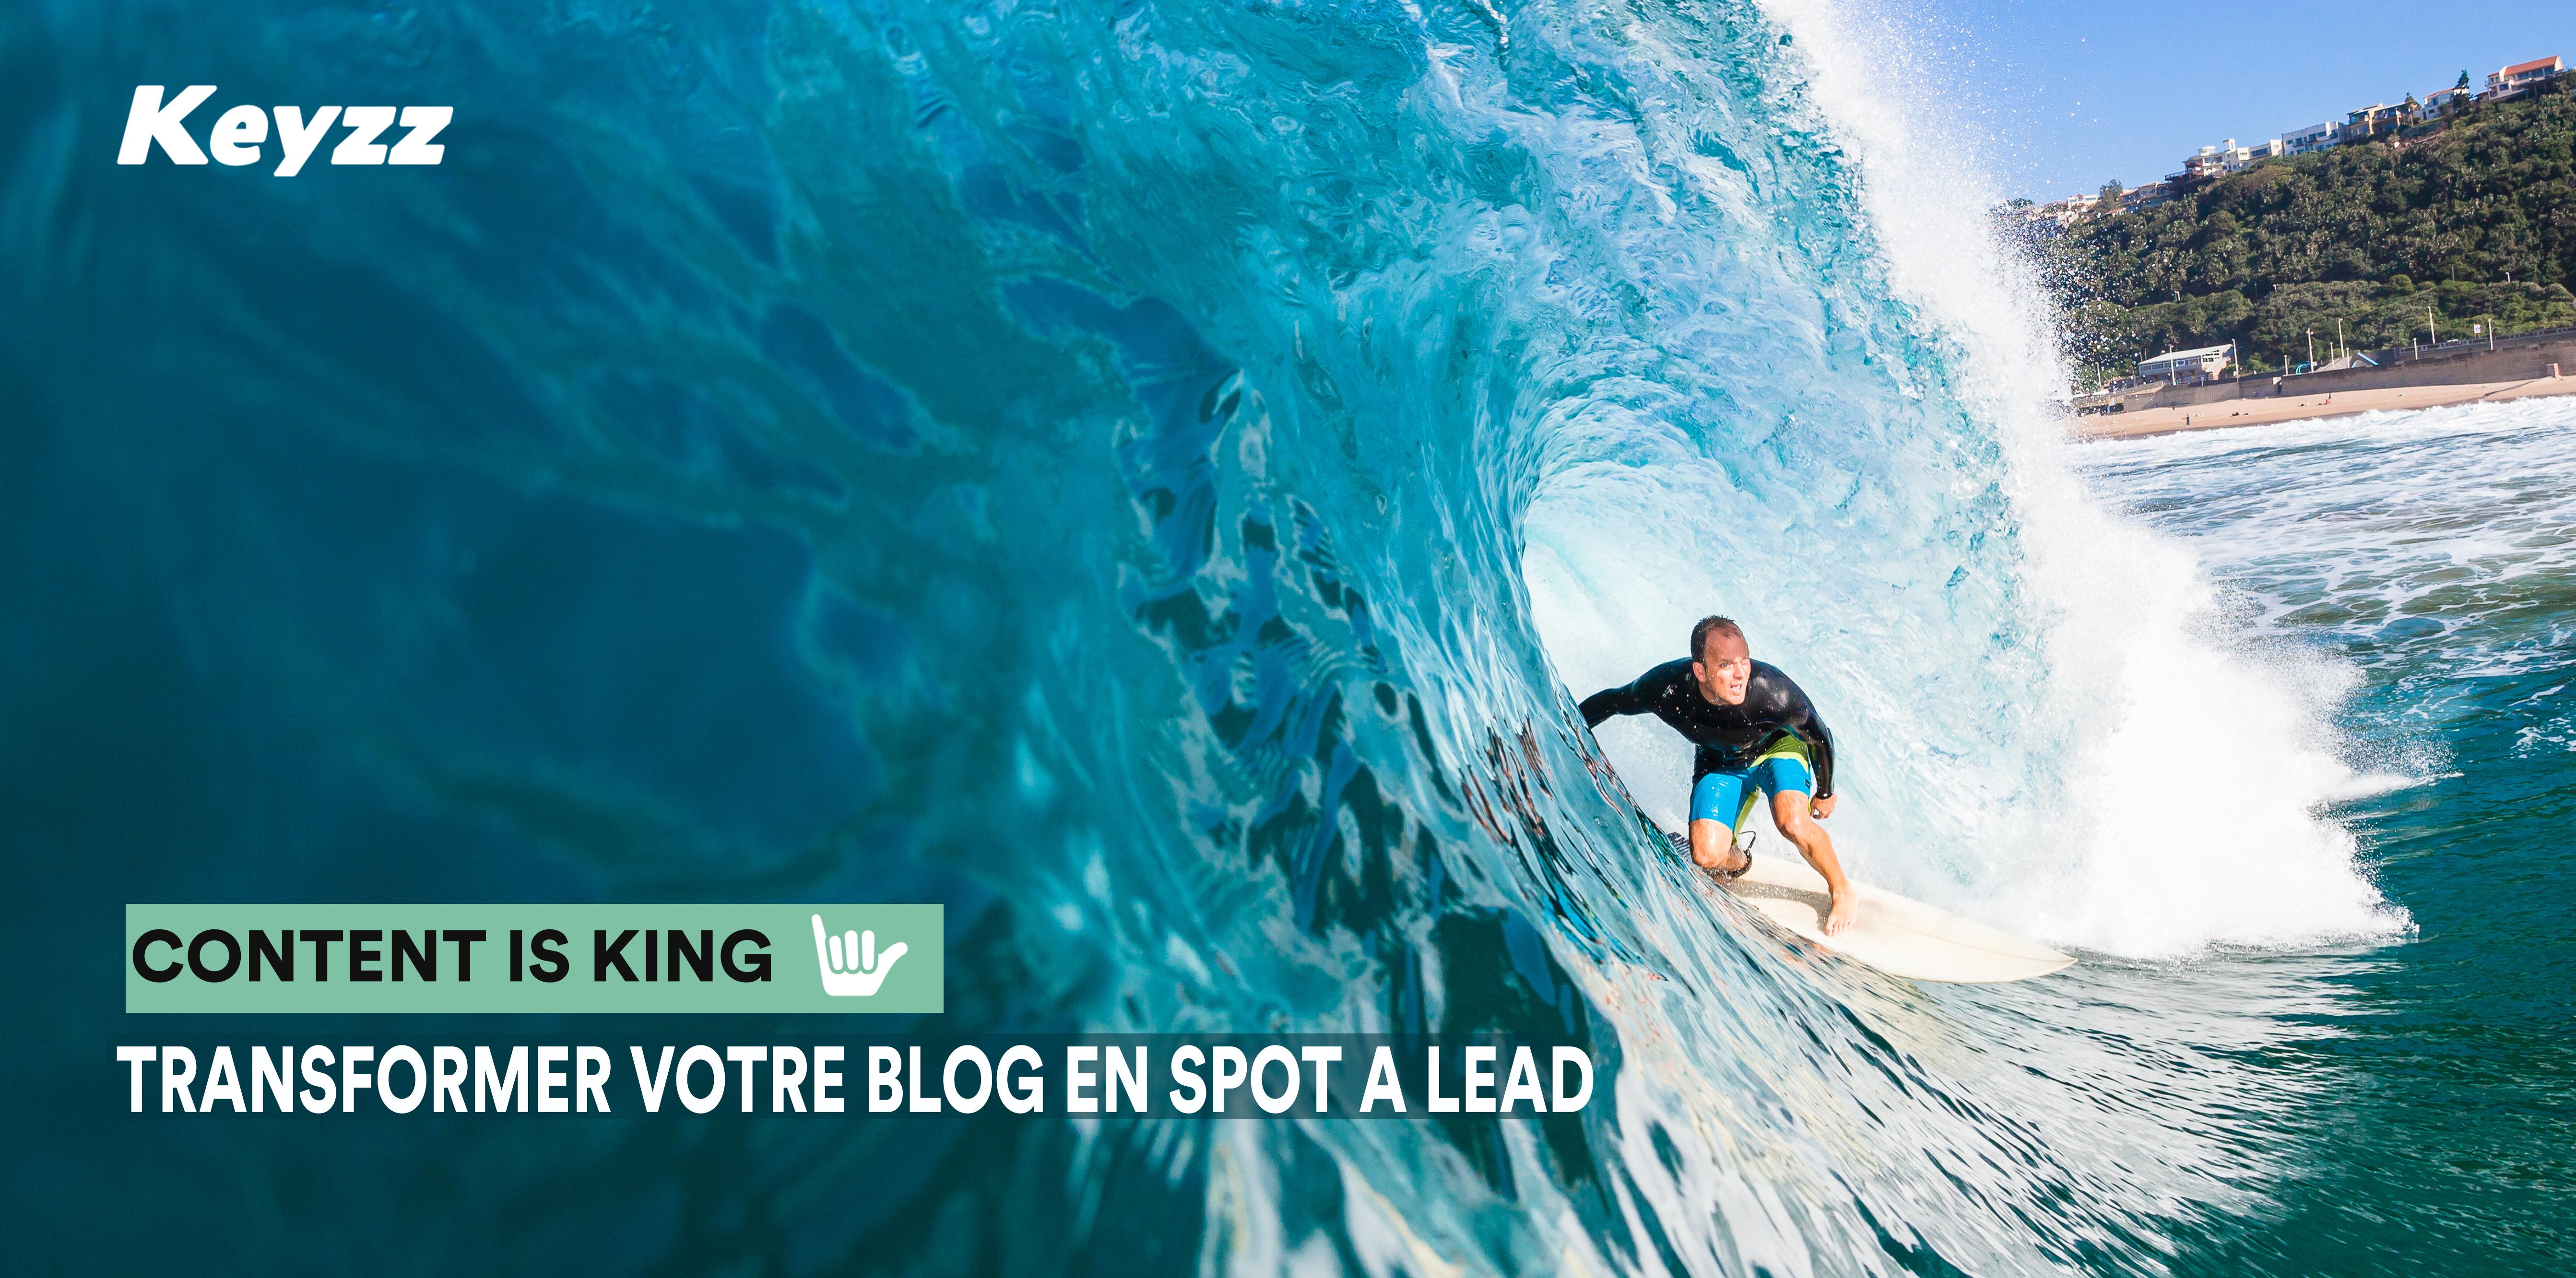 Blog_Keyzz_BRAND_CONTENT_BLOG_SPOT_A_LEADS-3